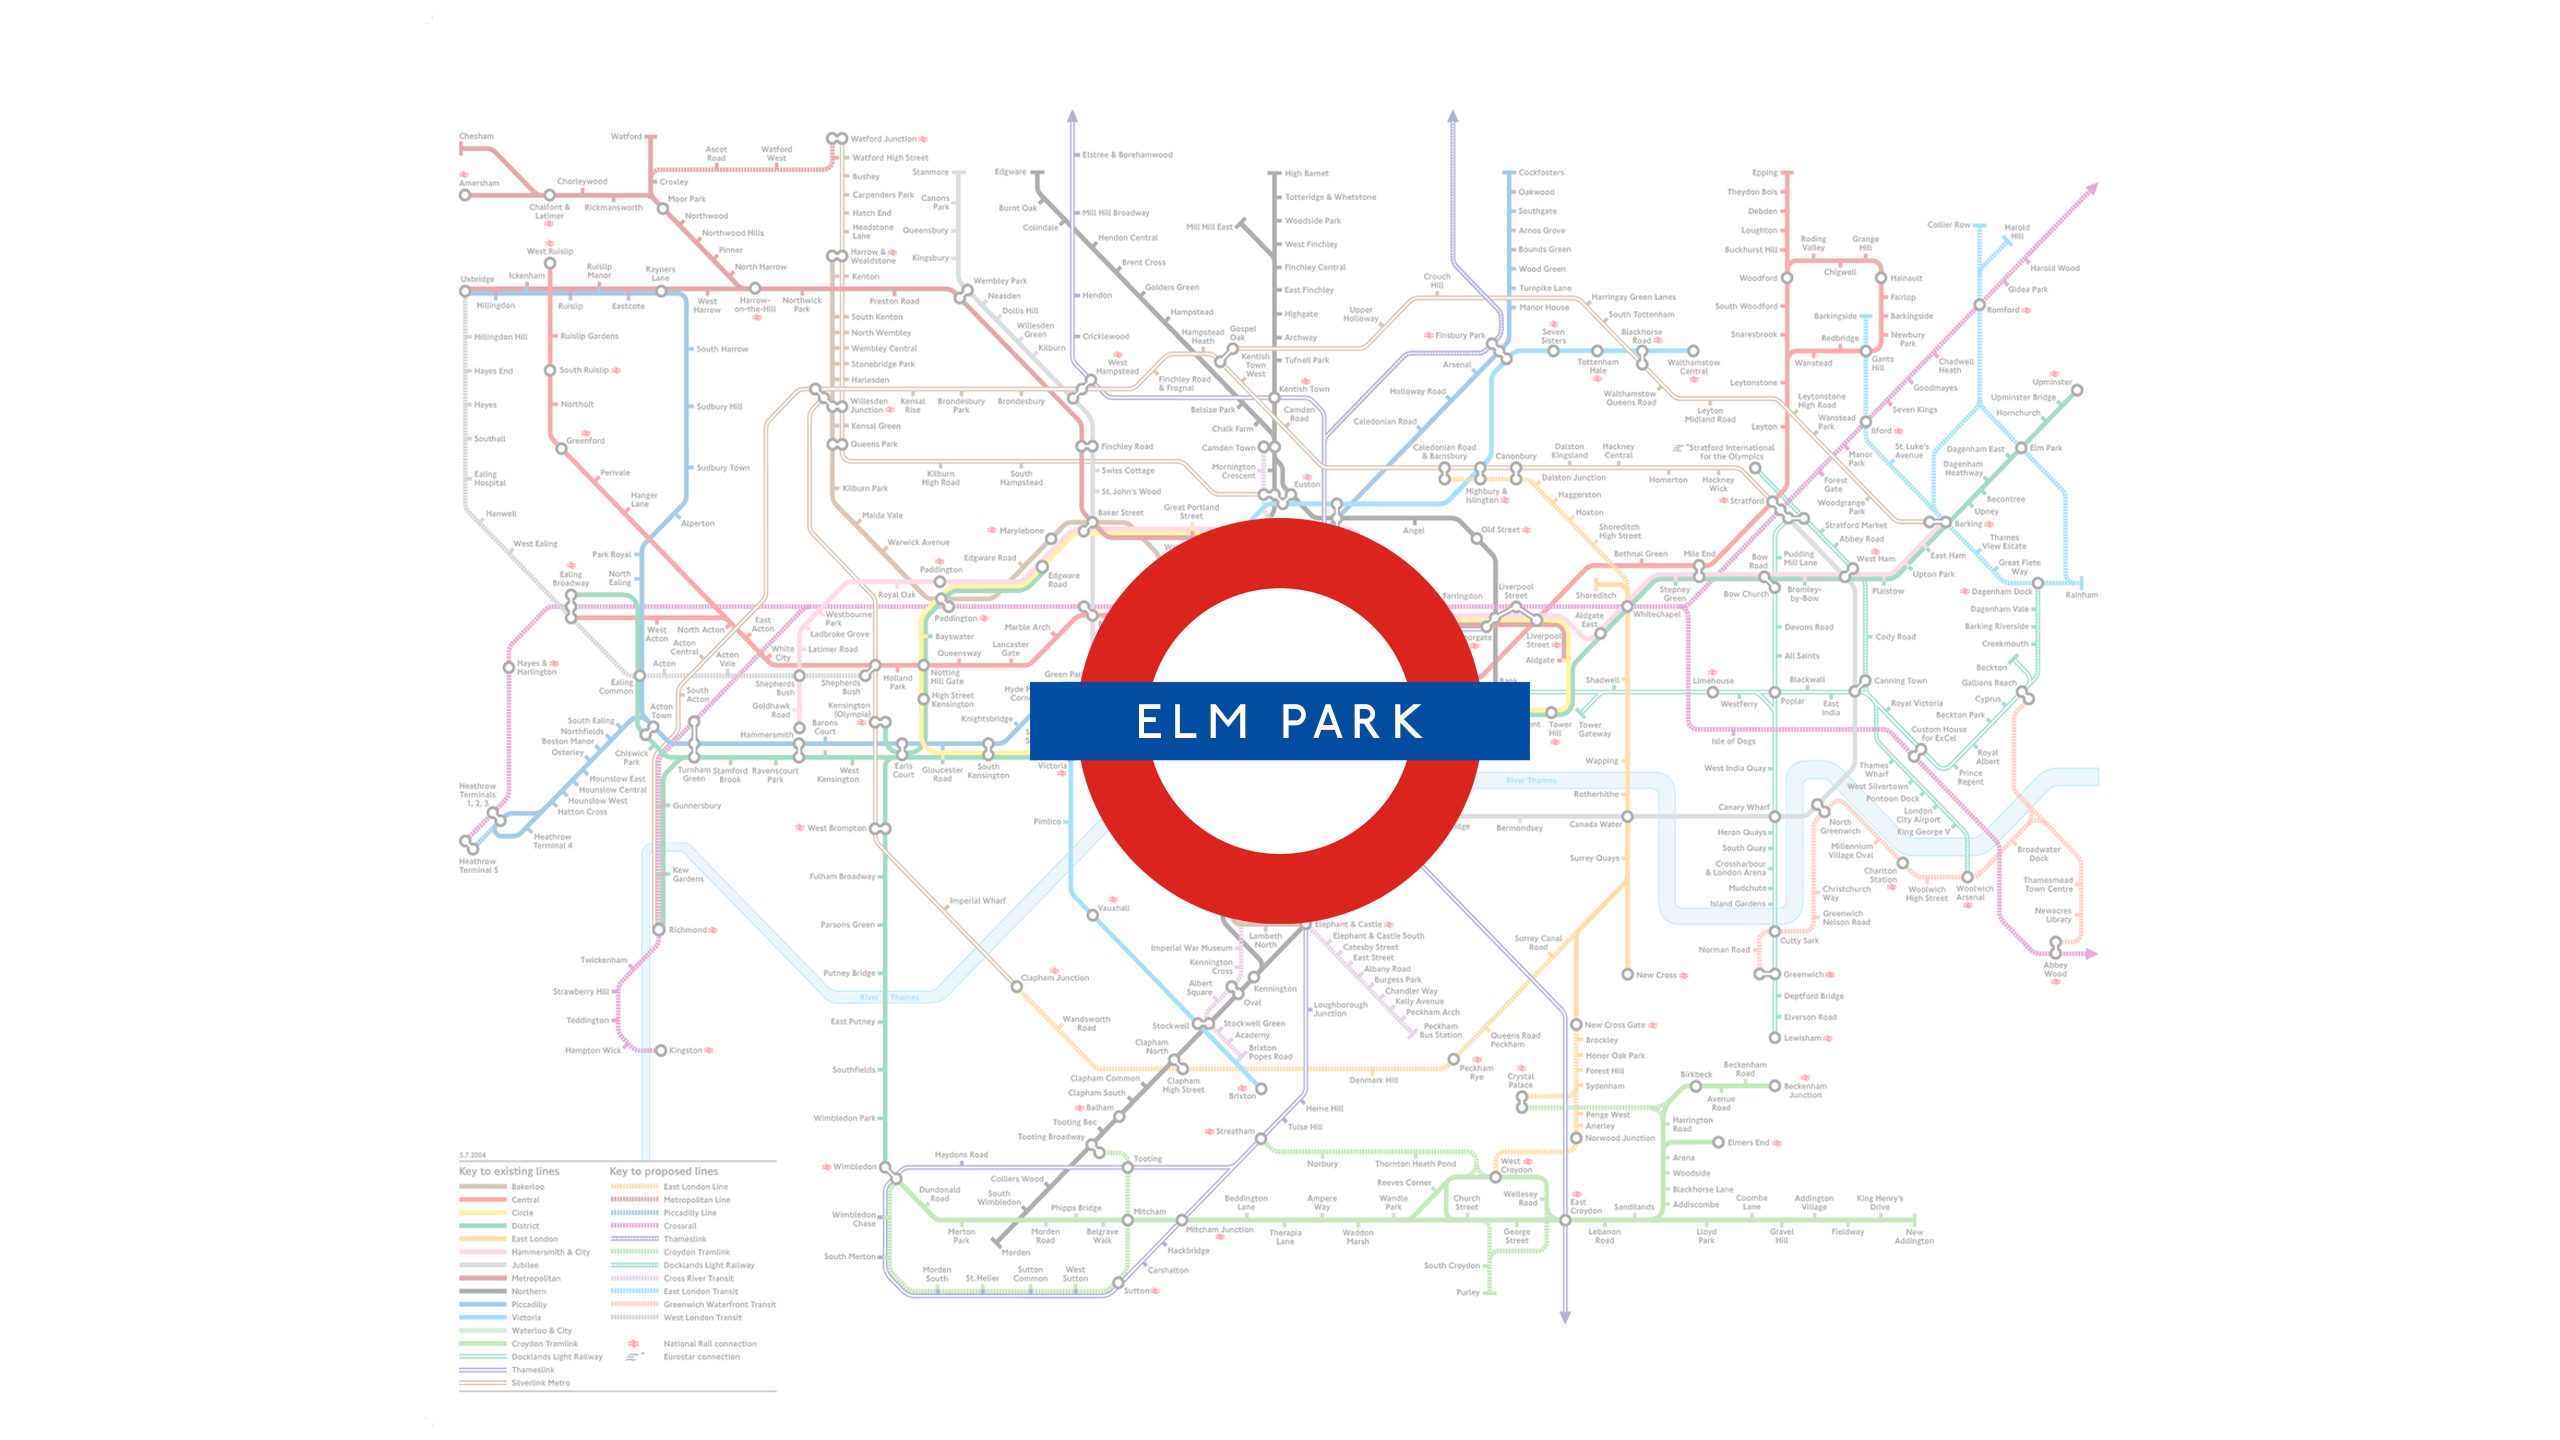 Elm Park (Map)